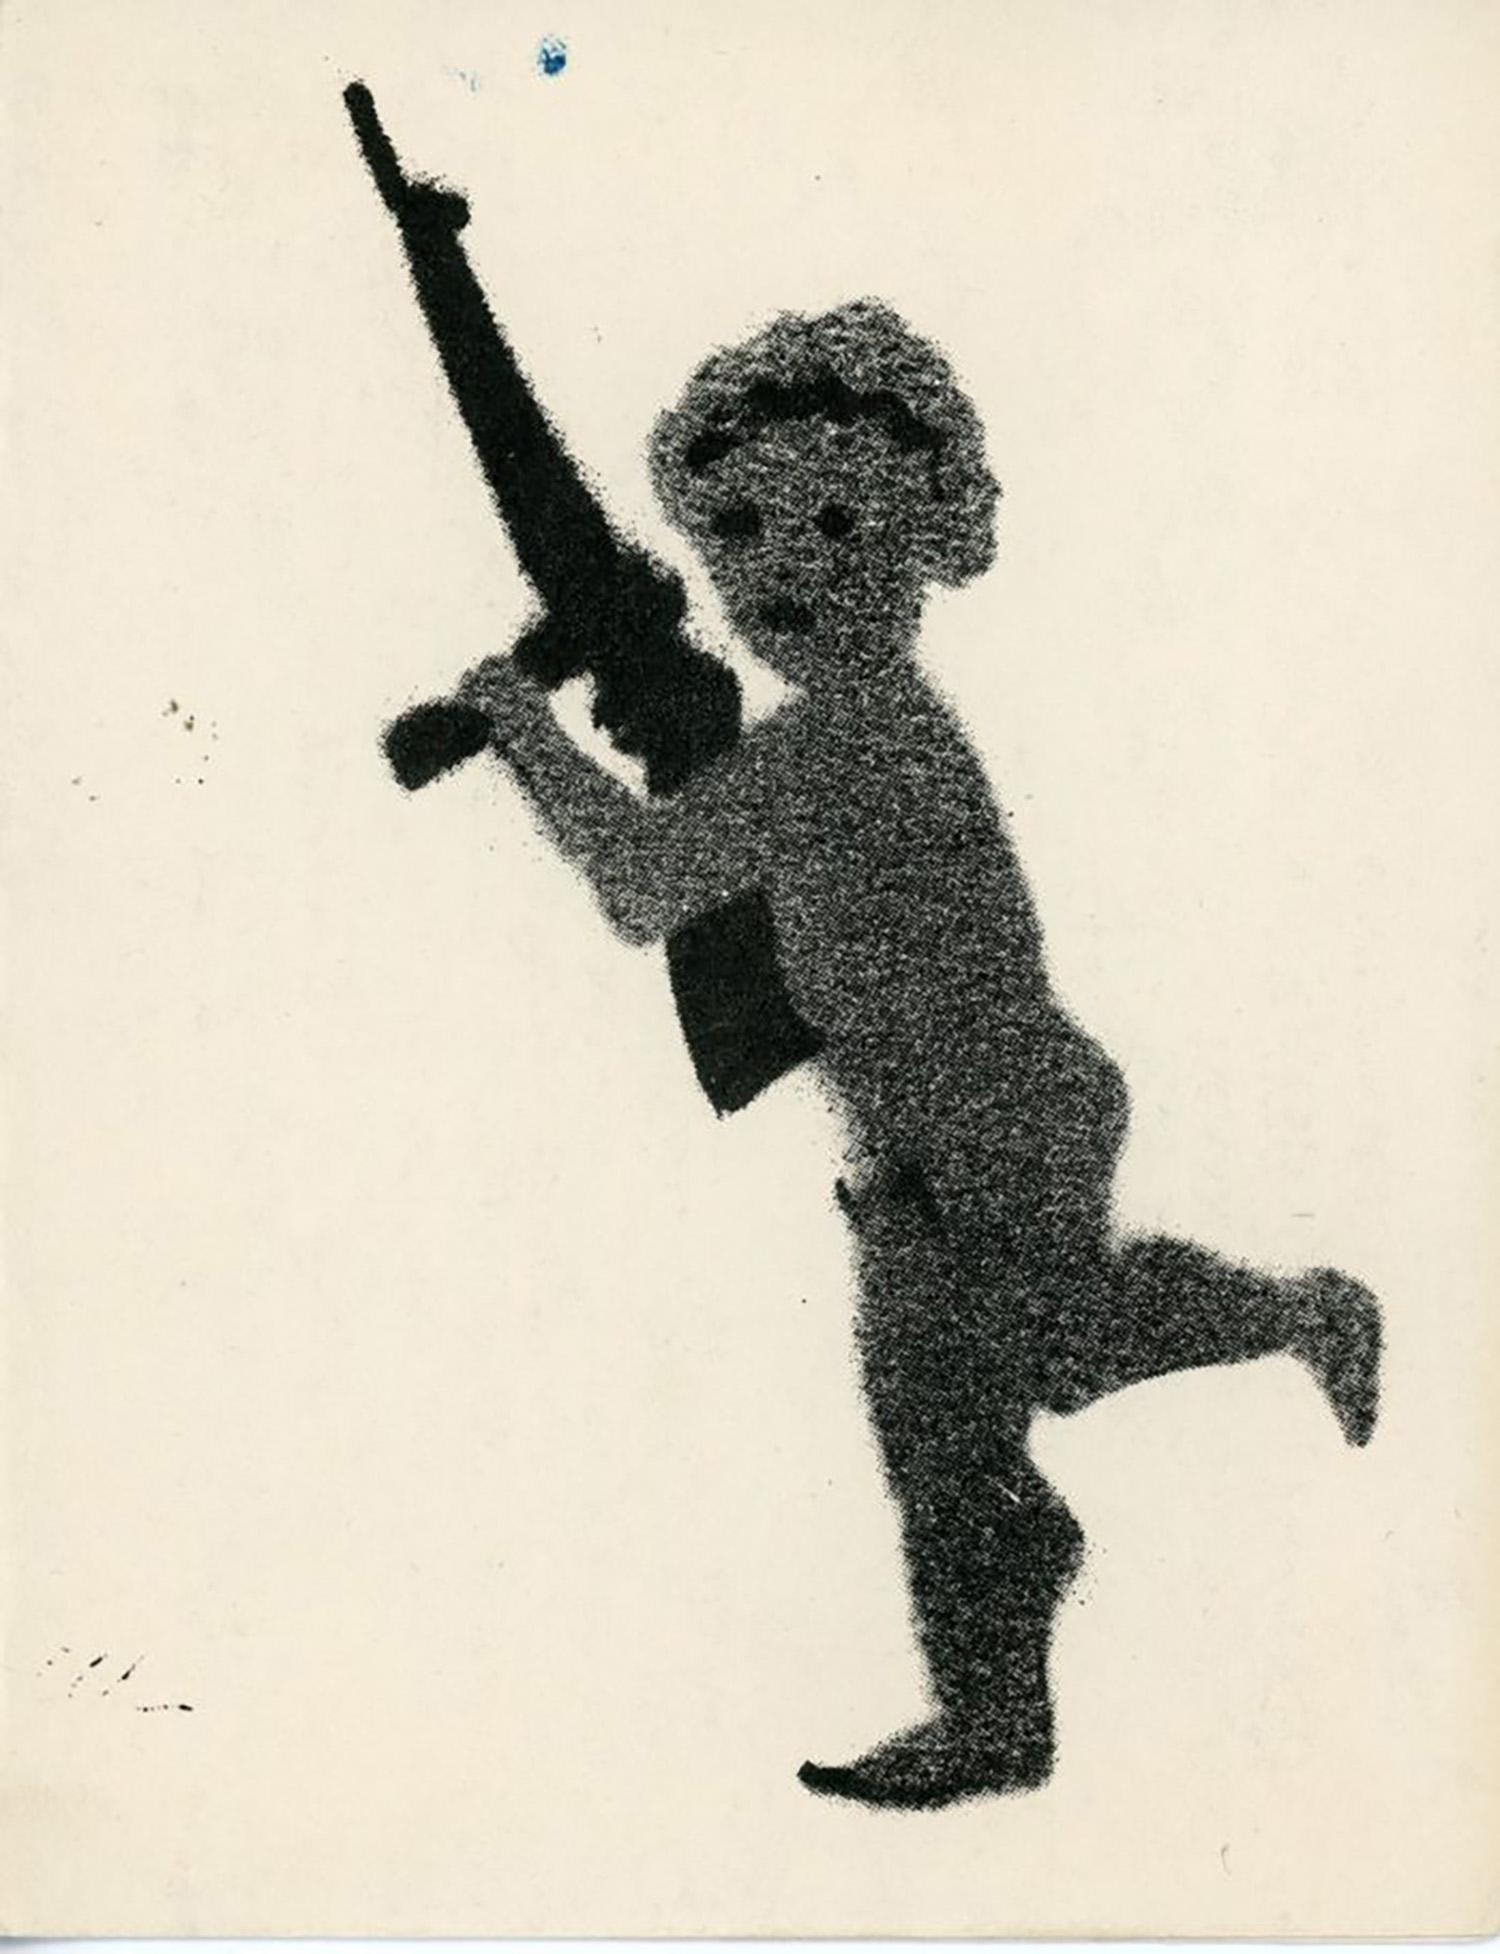 Ground Zero Gallery, Marguerite Van Cook, Stencil, Folded Card, 1985